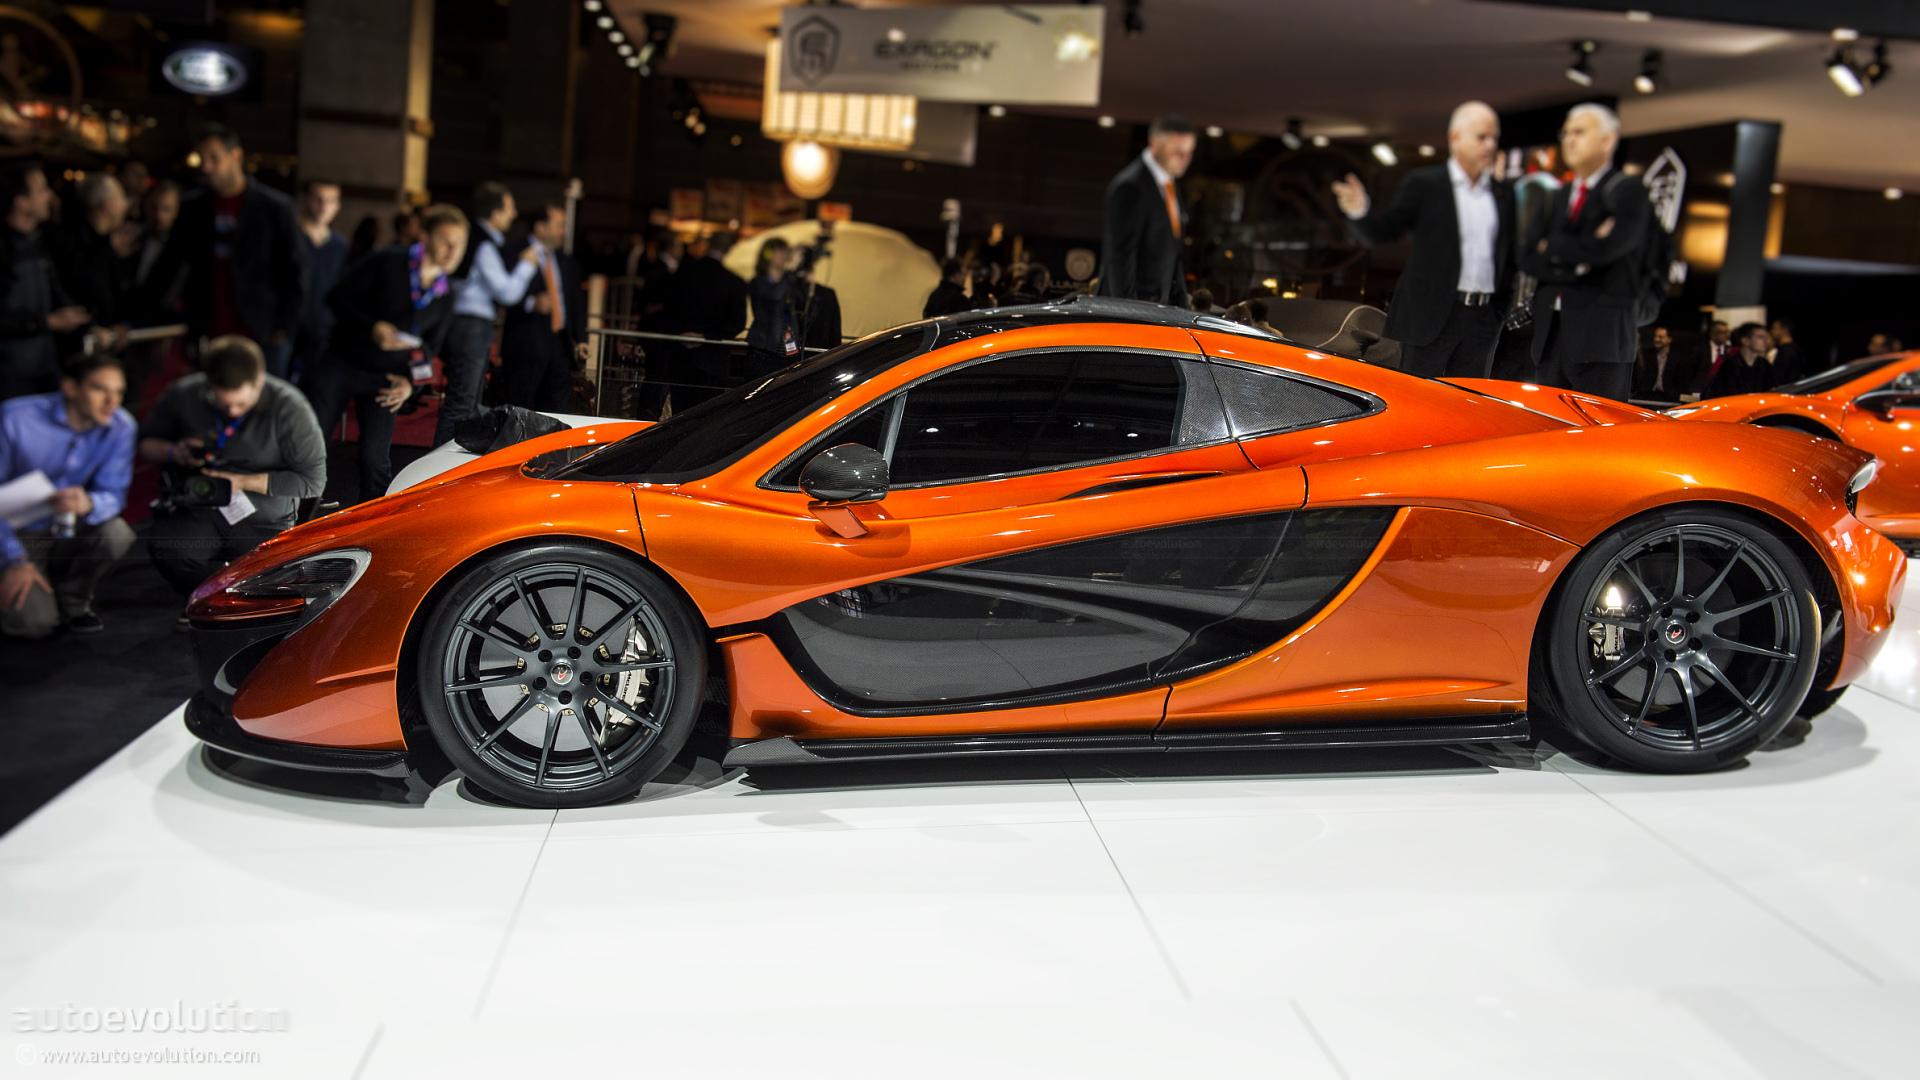 Paris 2012: McLaren P1 Hypercar Concept [Live Photos